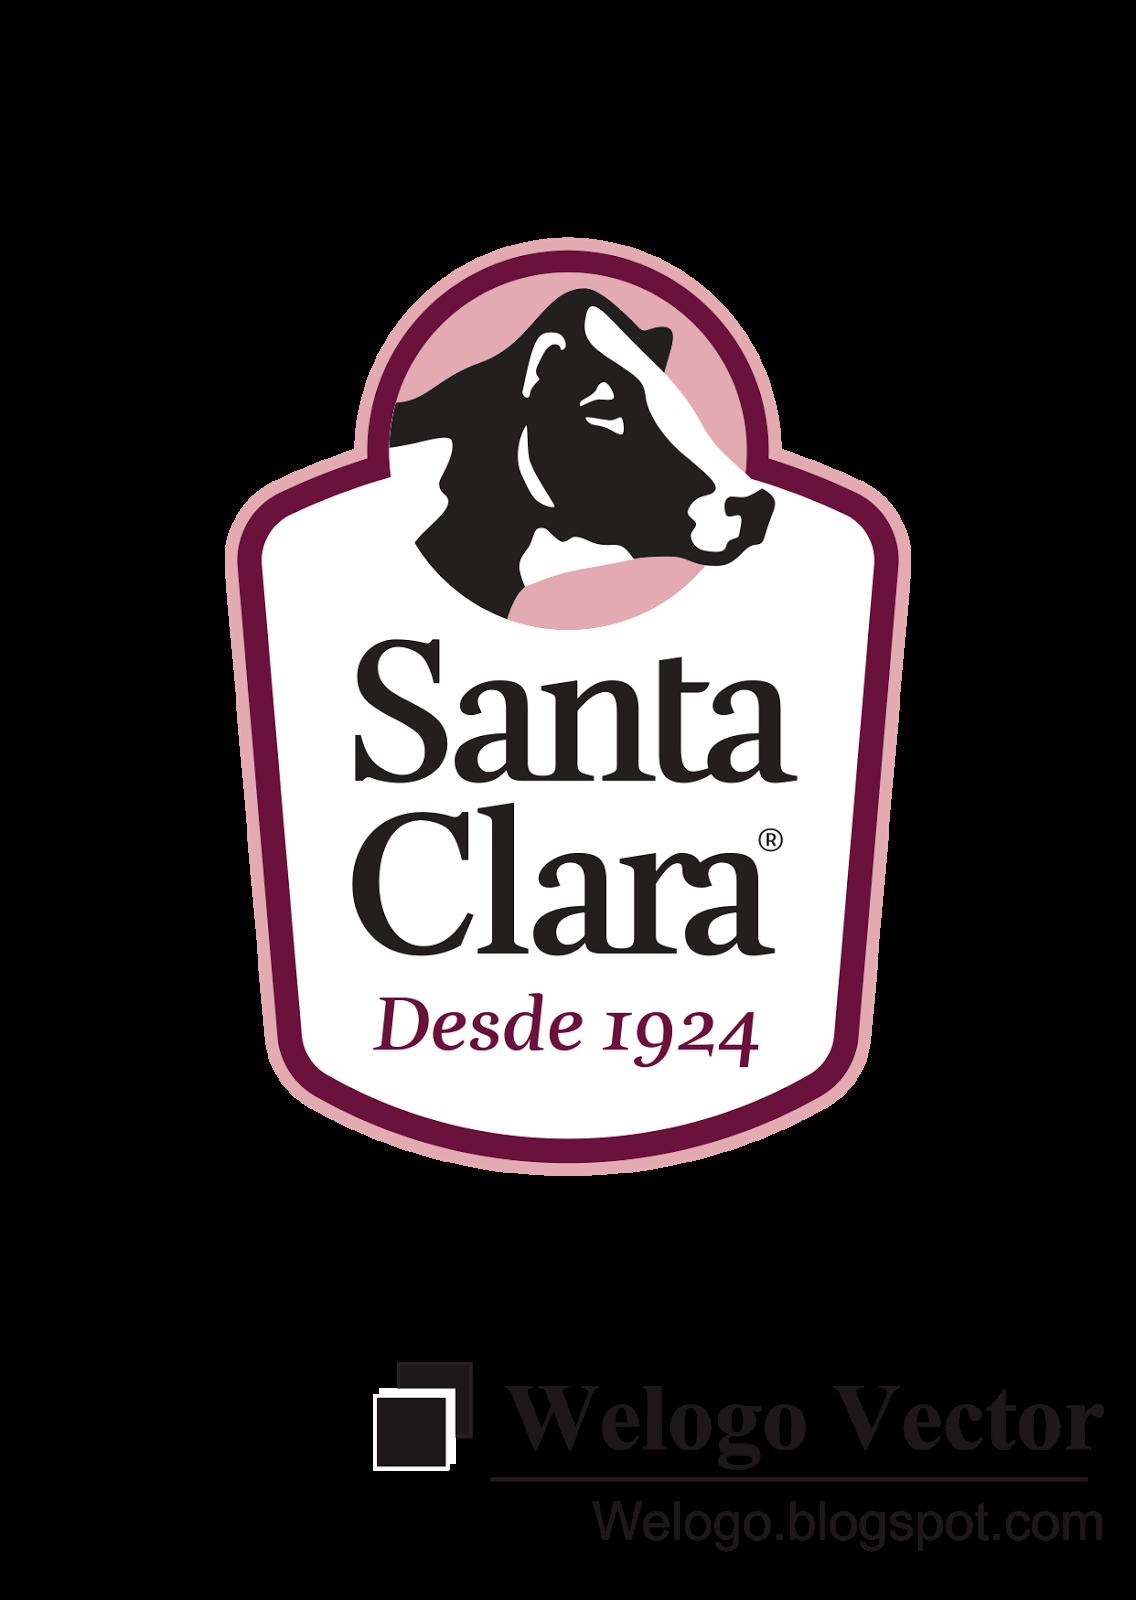 Santa Clara (desde 1924) logo